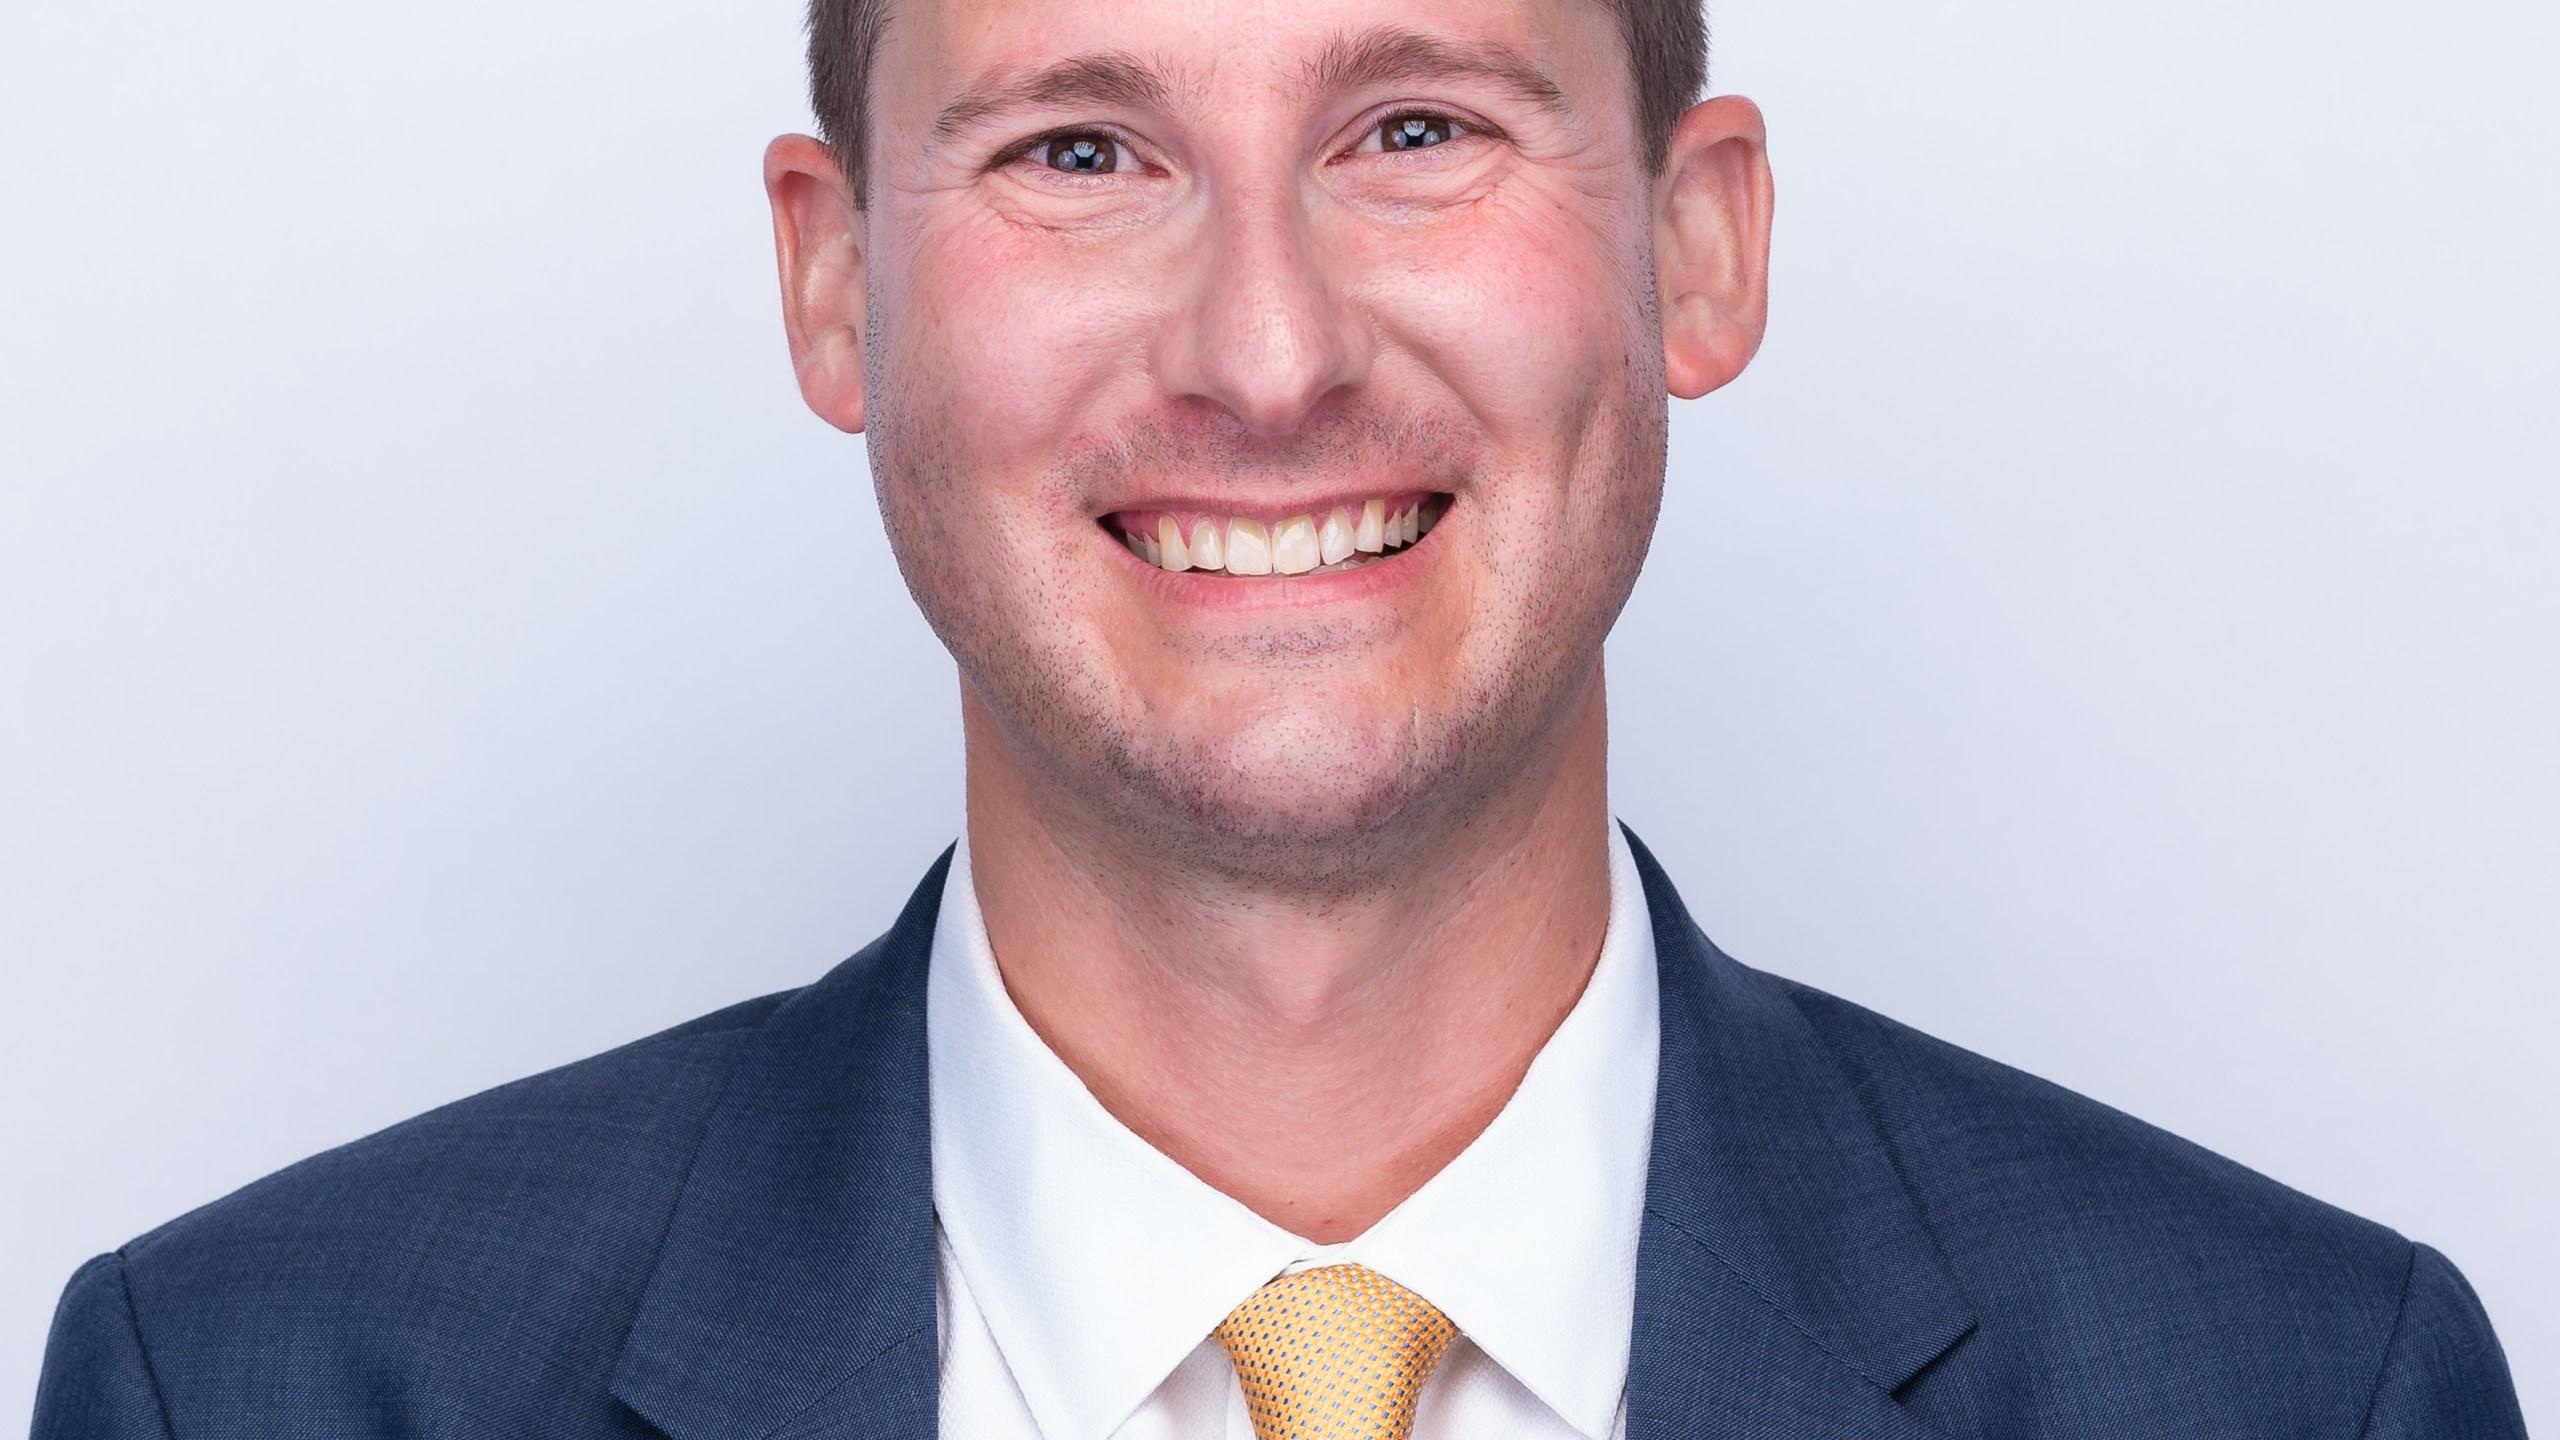 Brandon Schneider